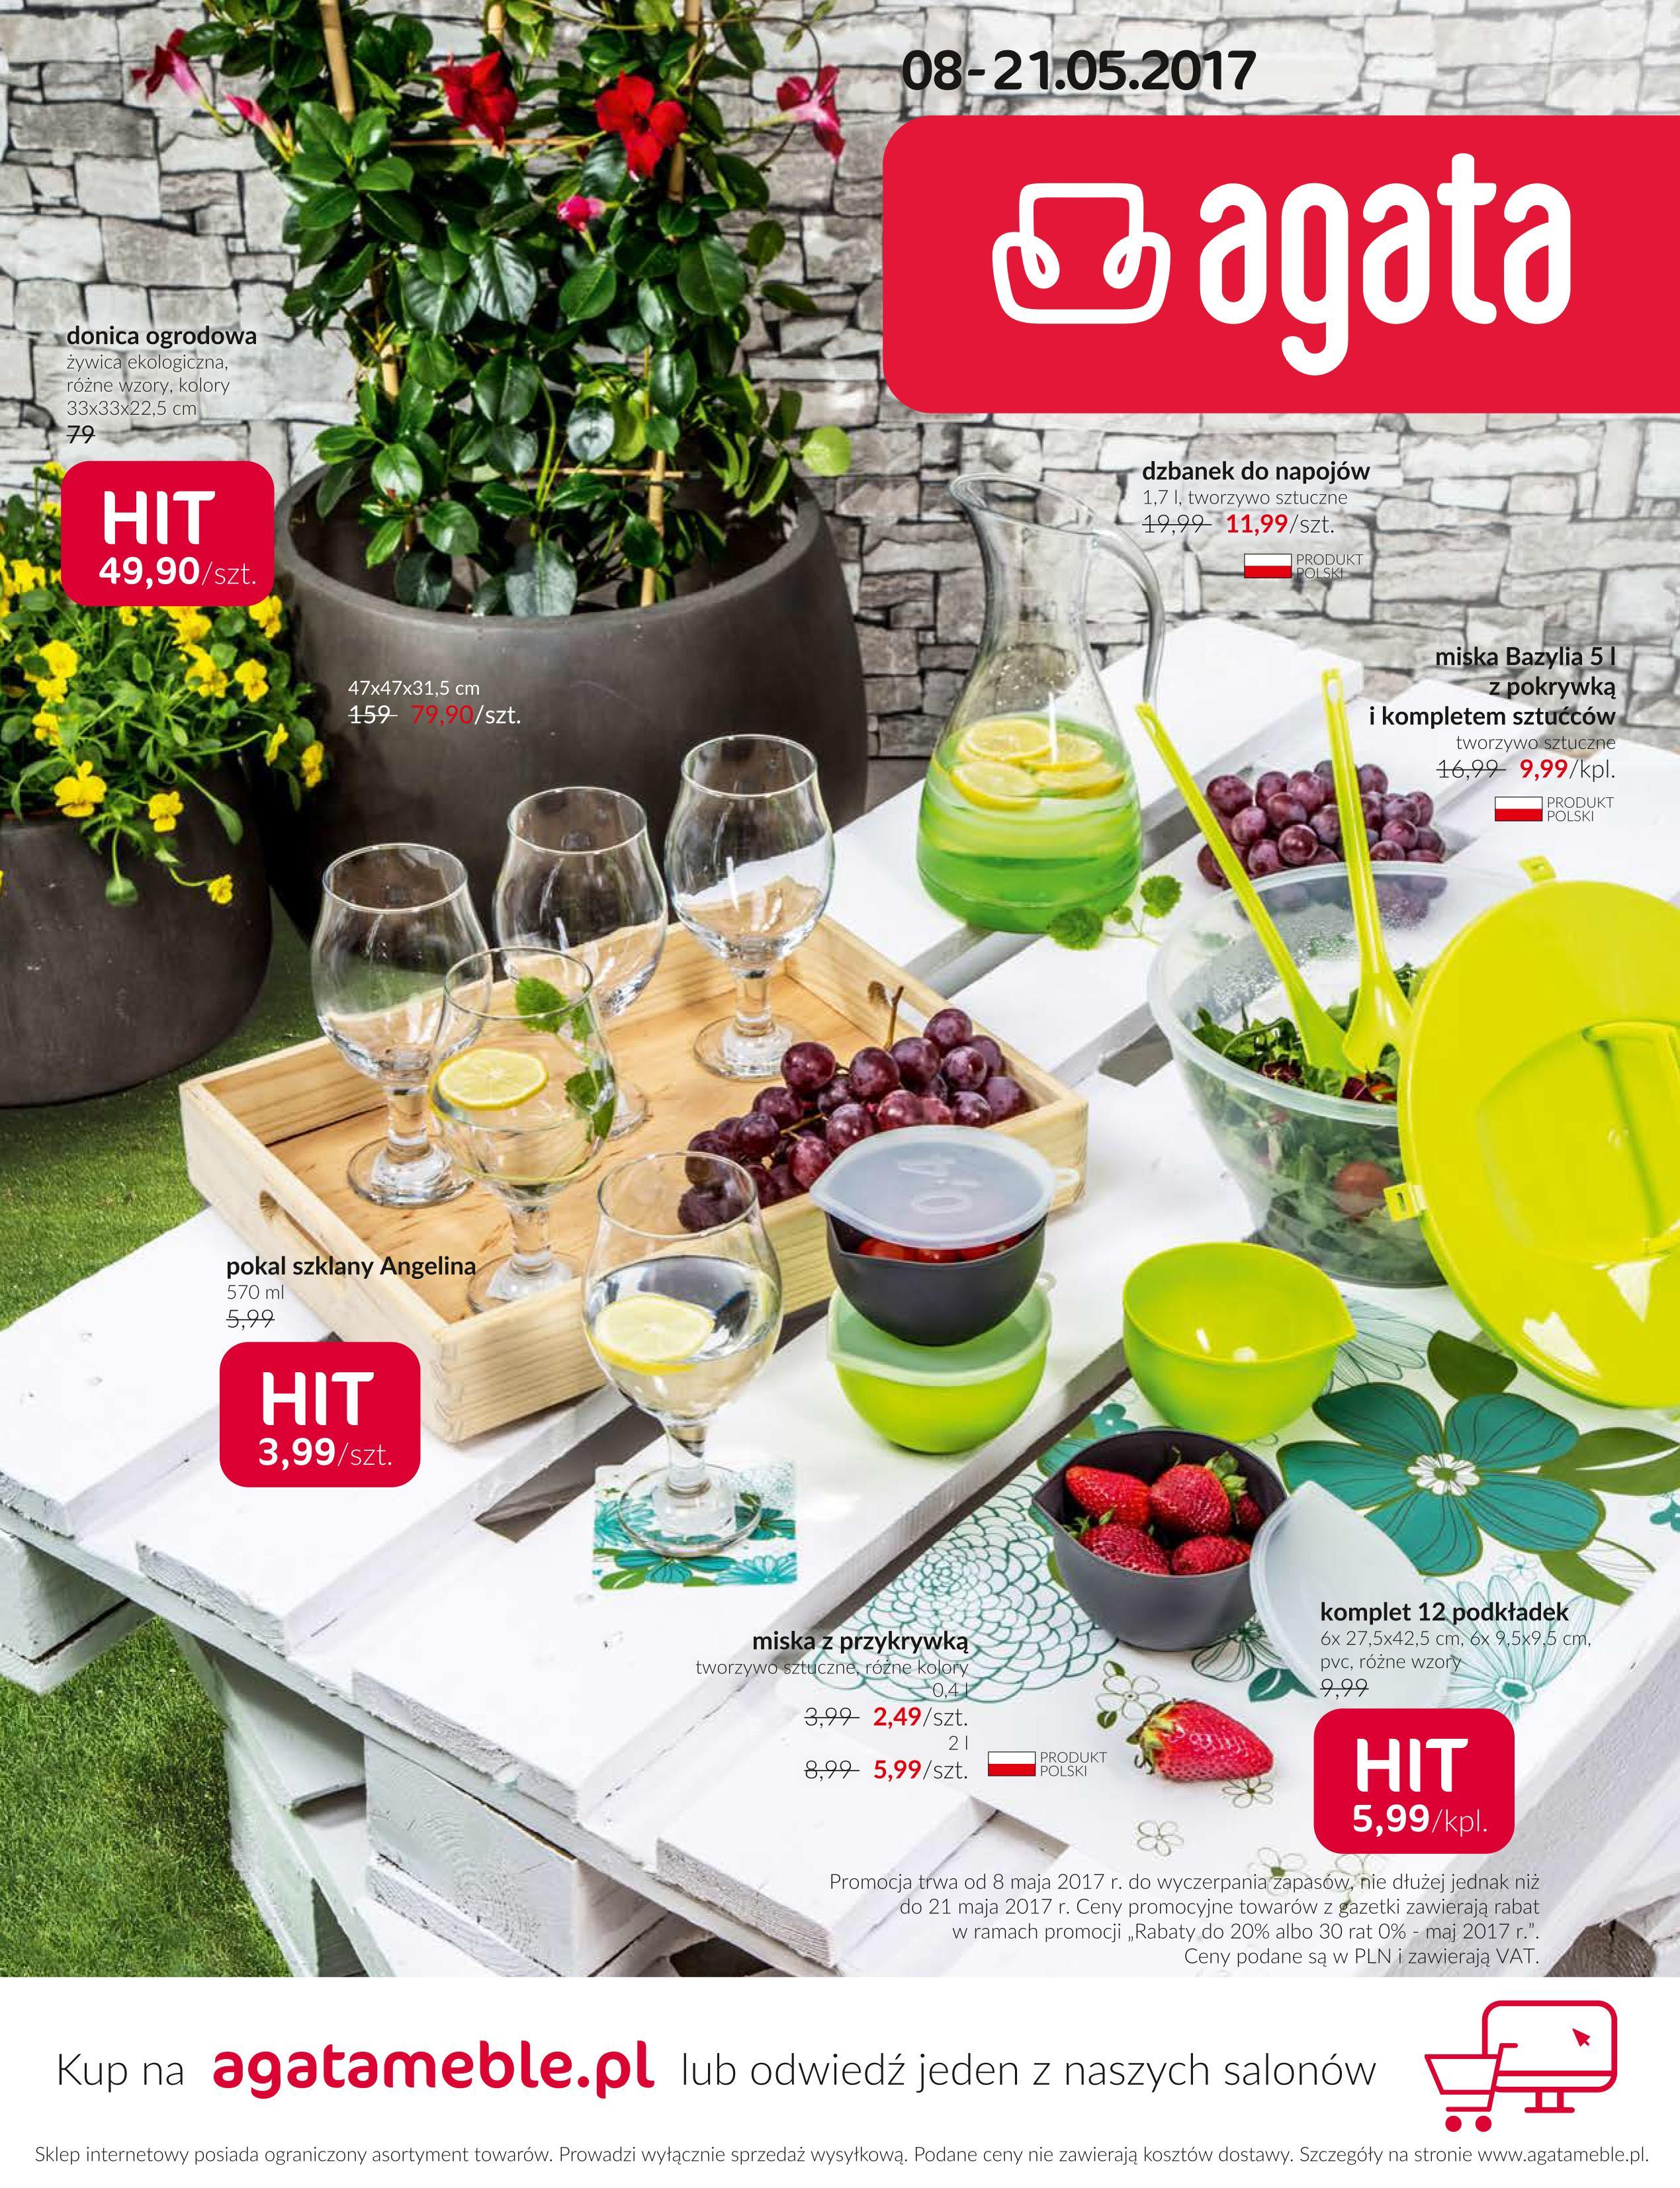 Zajrzyj do aktualnej gazetki promocyjnej marki Agata. Promocją objęto lampy wiszące, plafoniery, koszyki zakupowe, rękawice kuchenne, dywany oraz inne akcesoria.